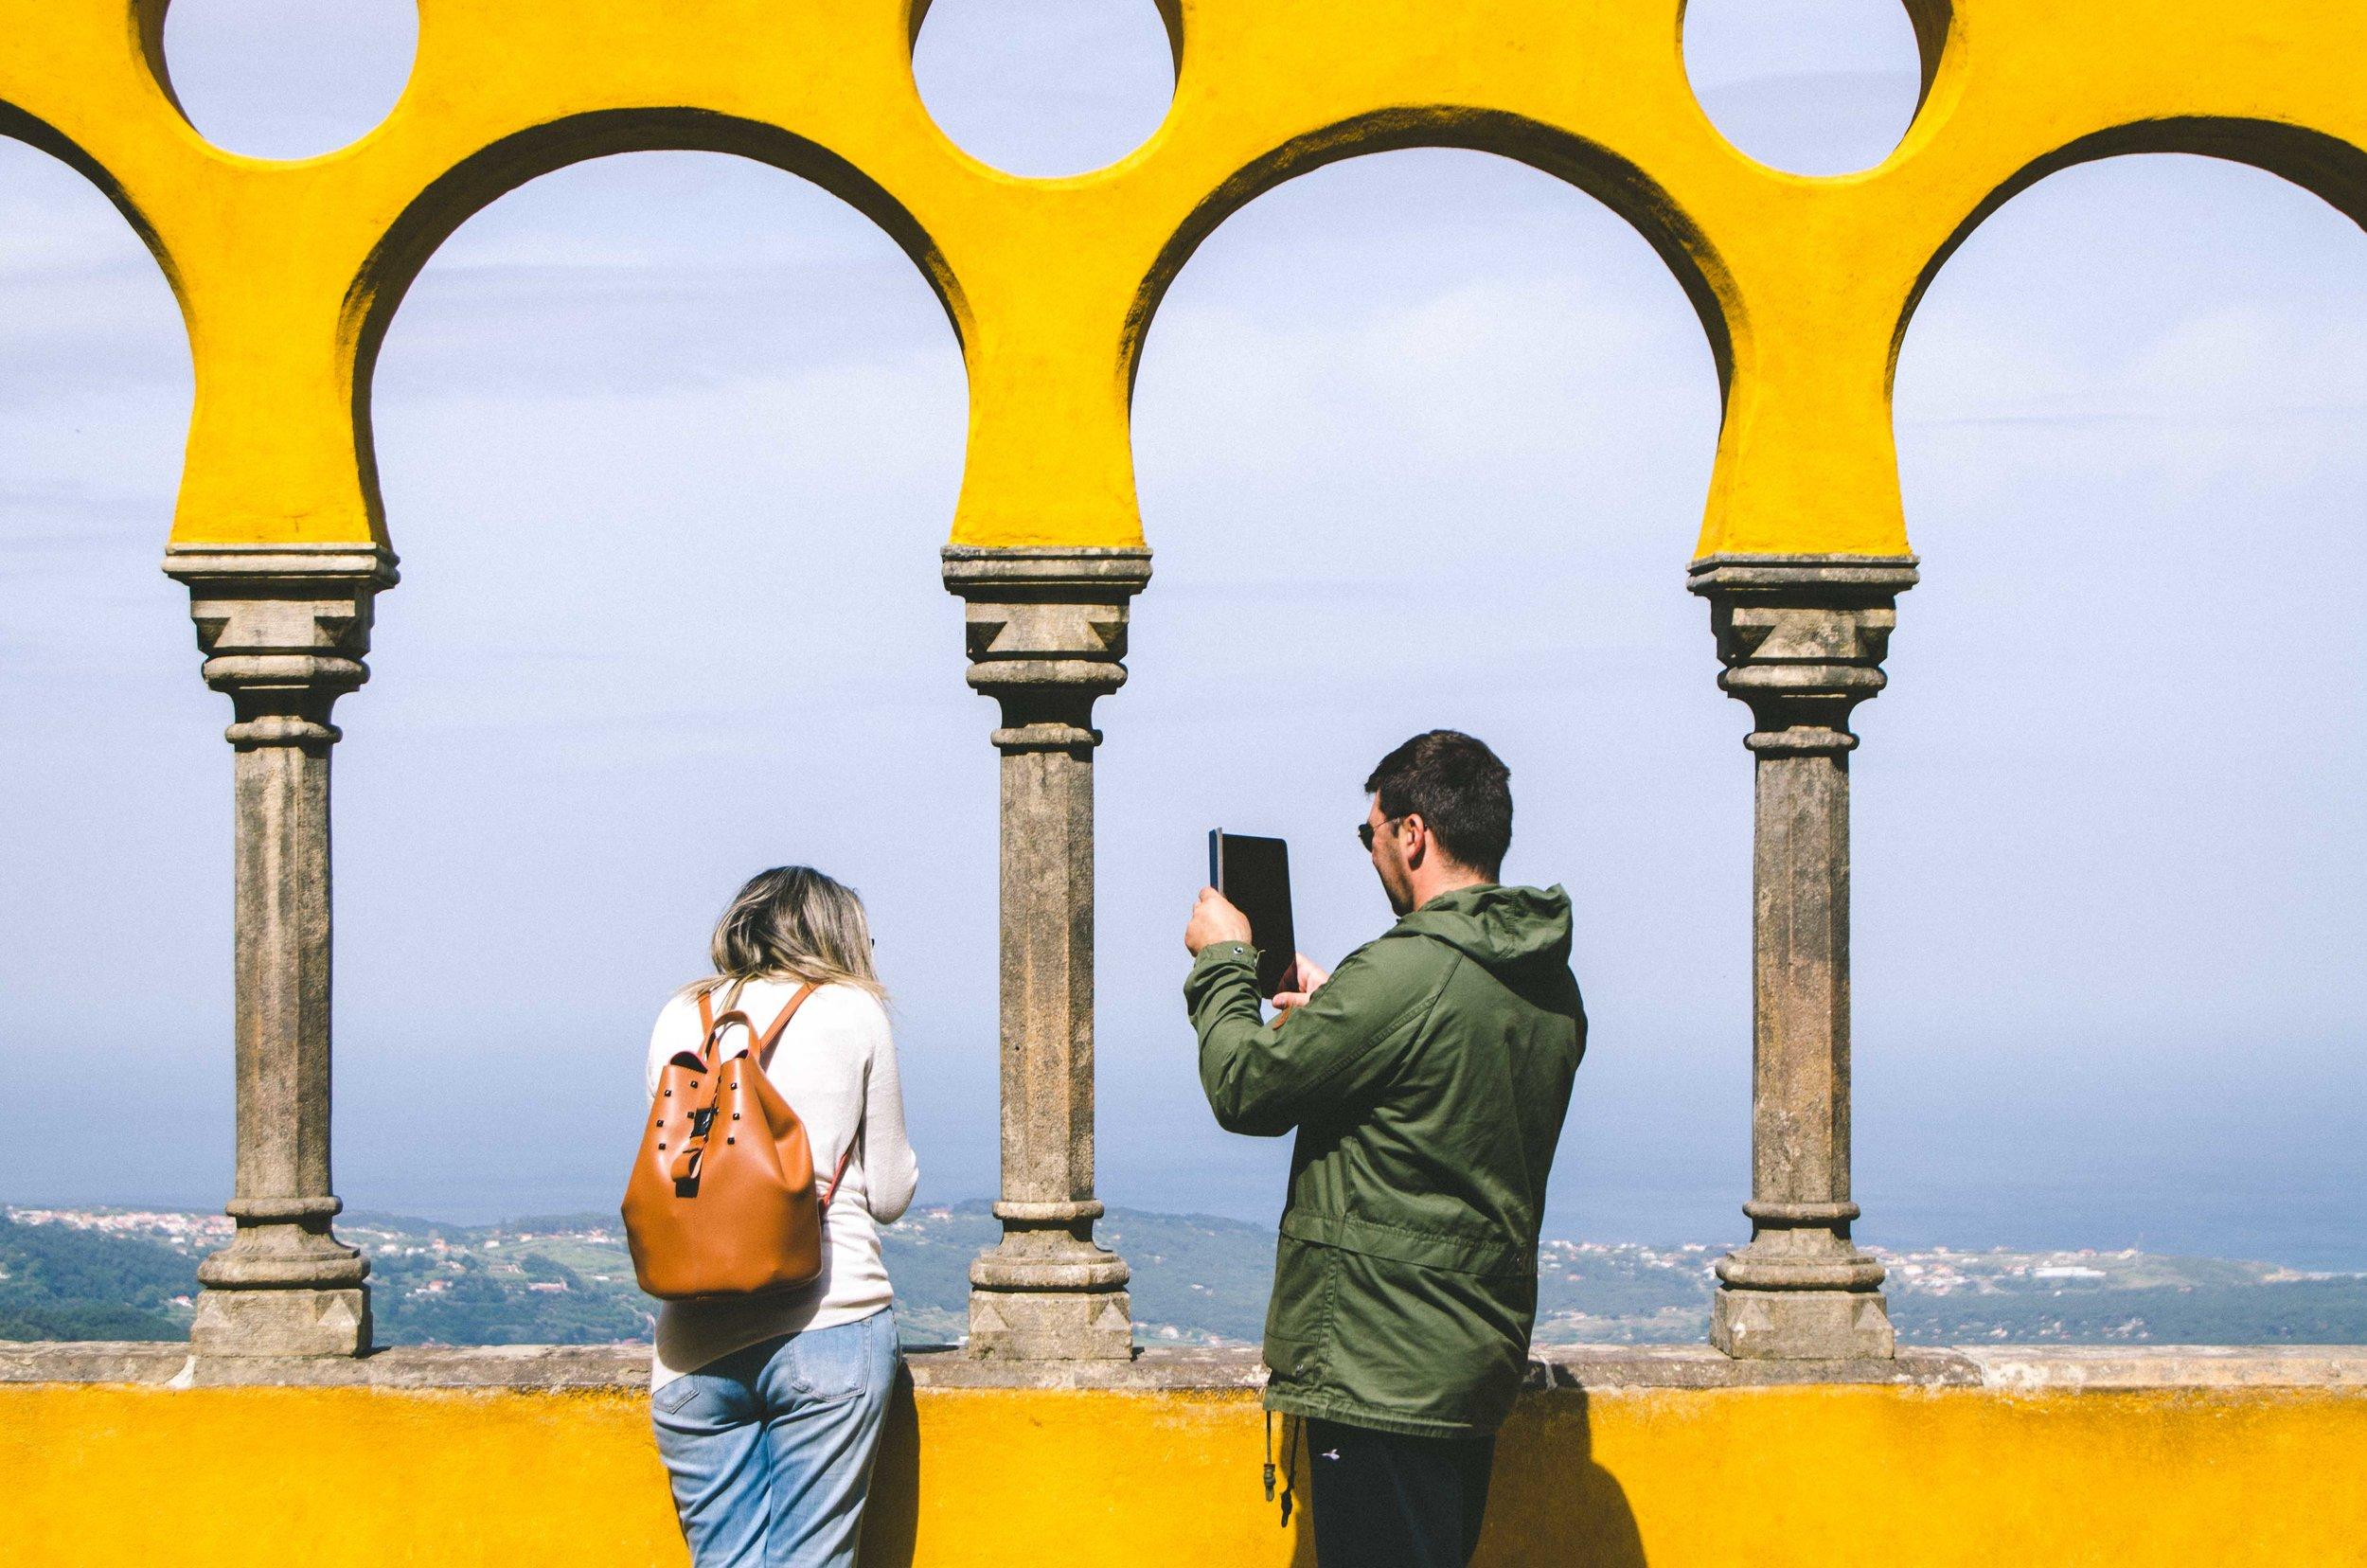 schoenmaker_portugalblog-15.jpg